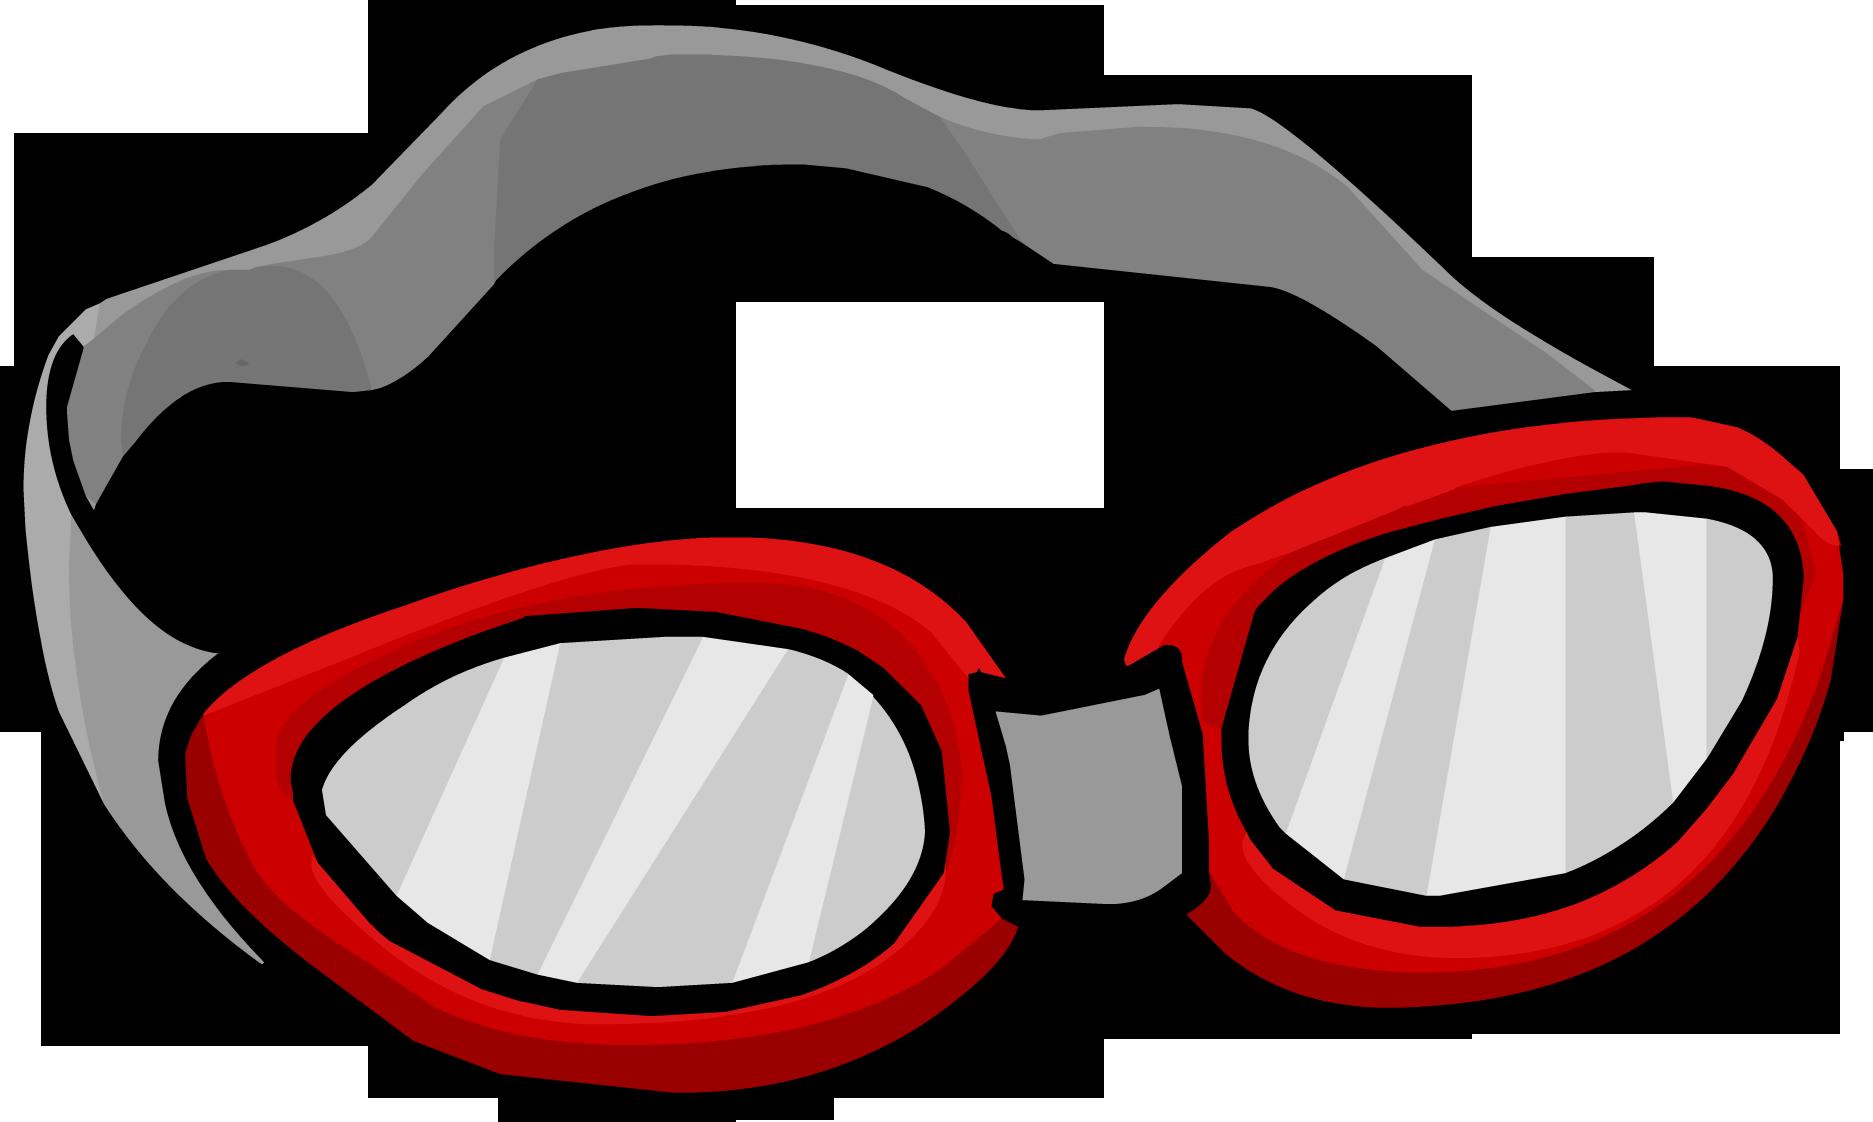 Goggles clipart Clipart Goggles Vector ClipartFan com